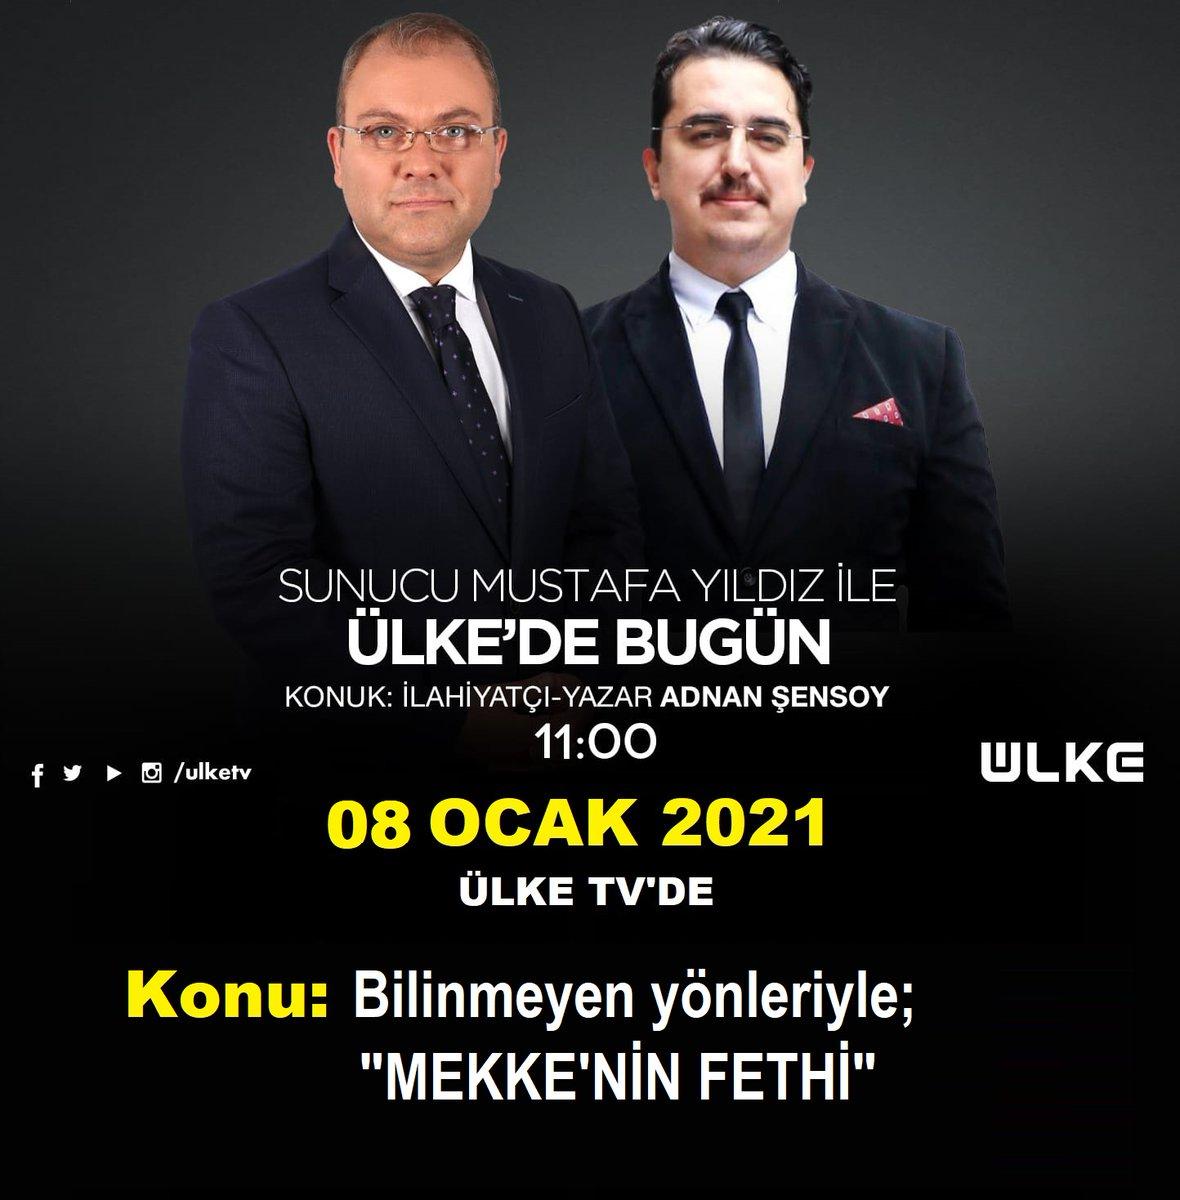 Adnan Şensoy Hoca 🌍 on Twitter: